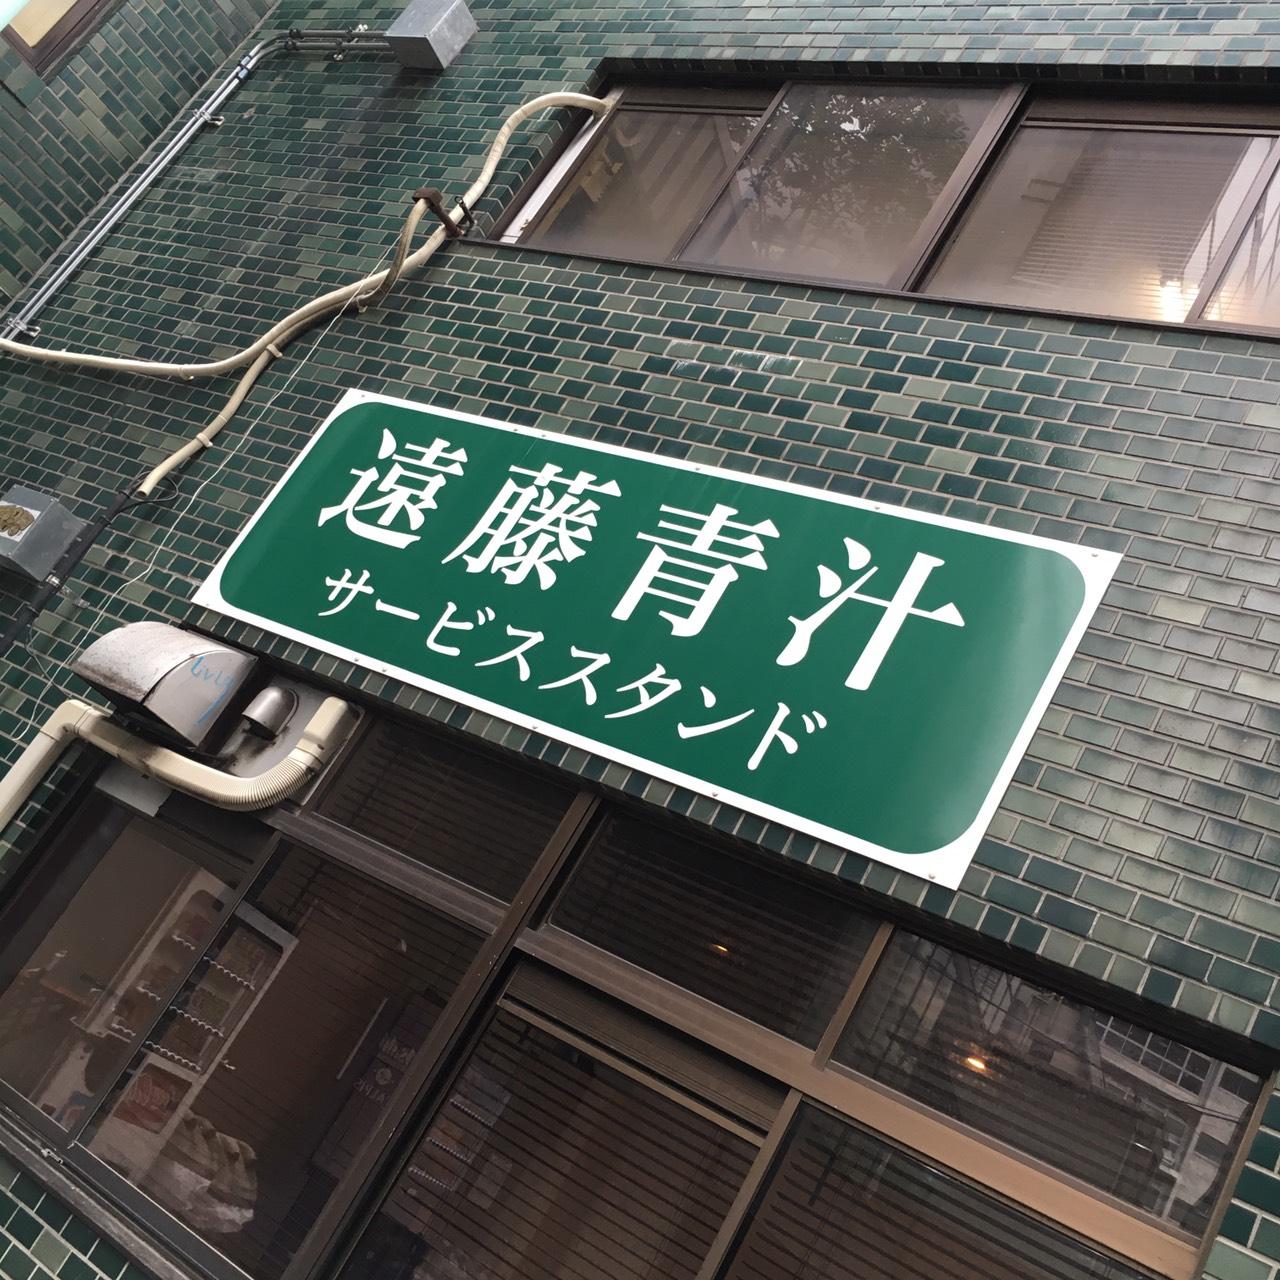 渋谷青汁スタンド遠藤青汁